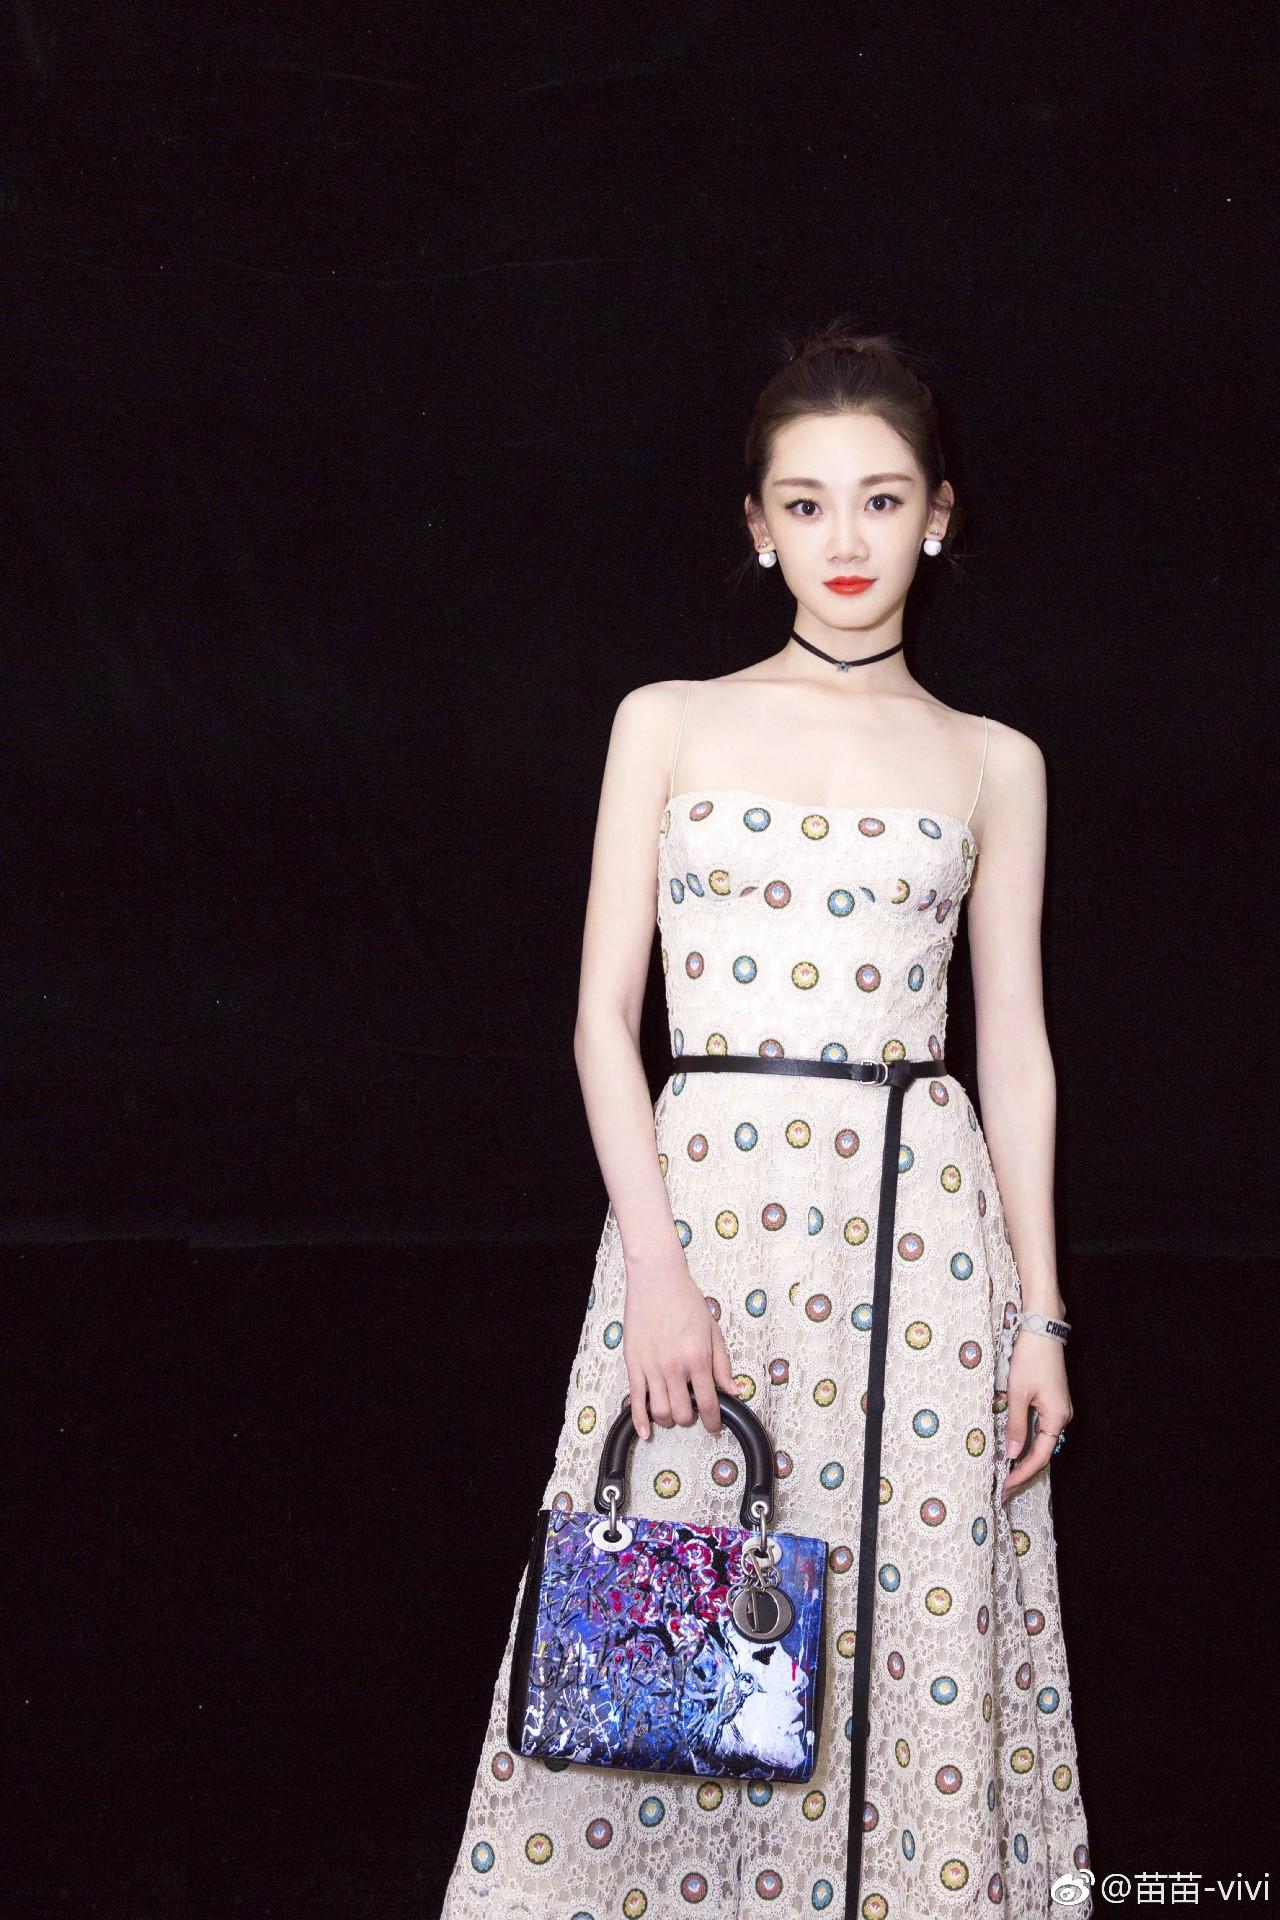 冯小刚为什么要选她来演《芳华》里的何小萍呢?